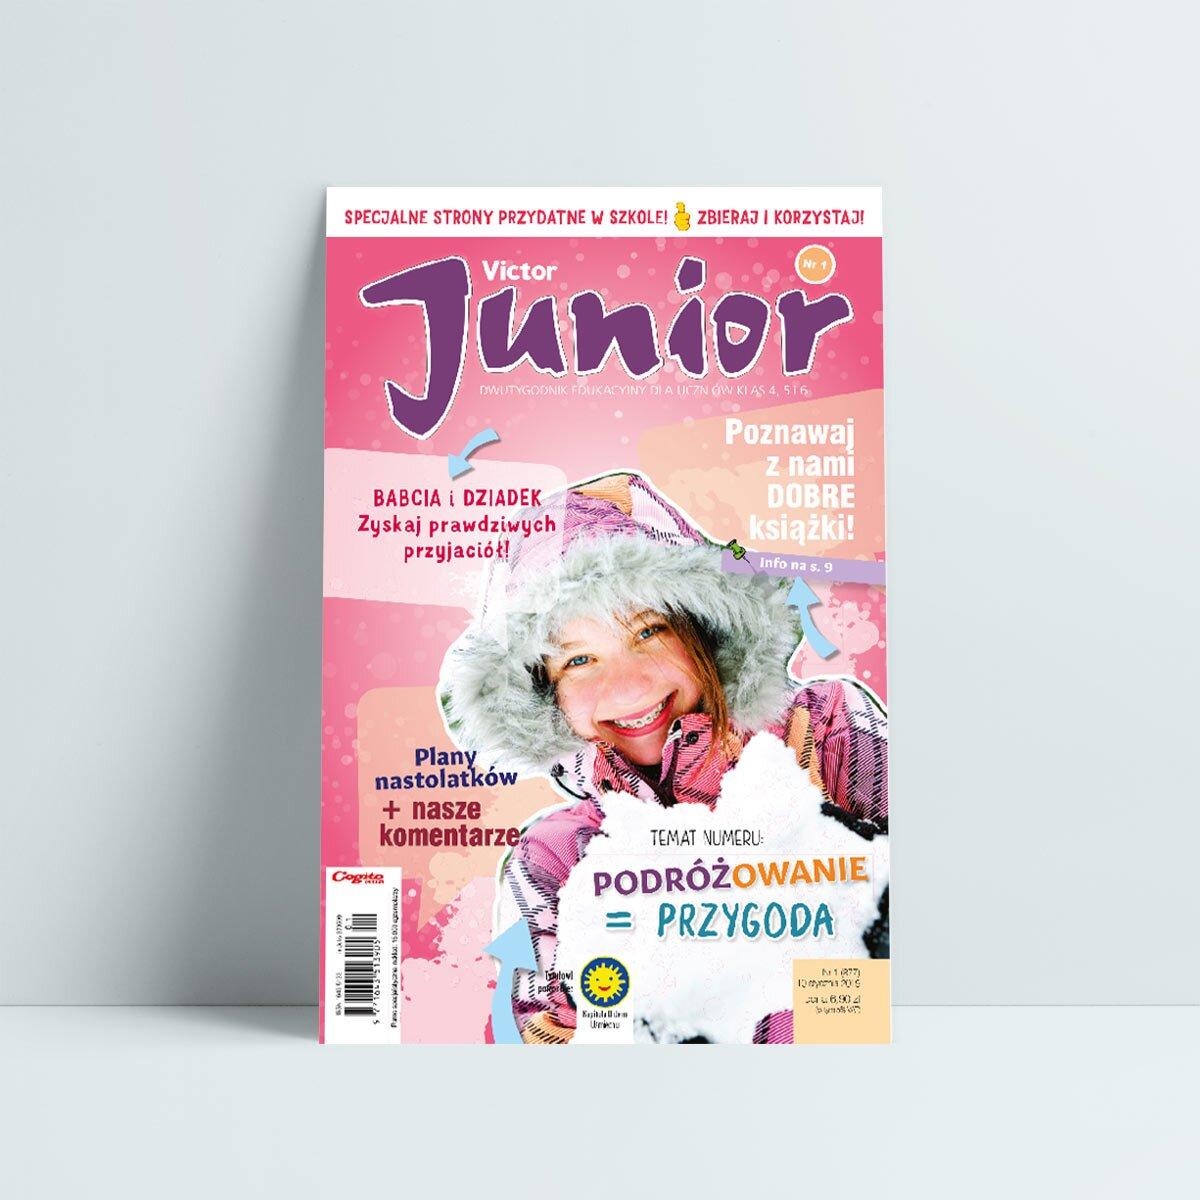 victor junior 1 2019 styczeń babcia i dziadek zyskaj prawdziwych przyjaciół